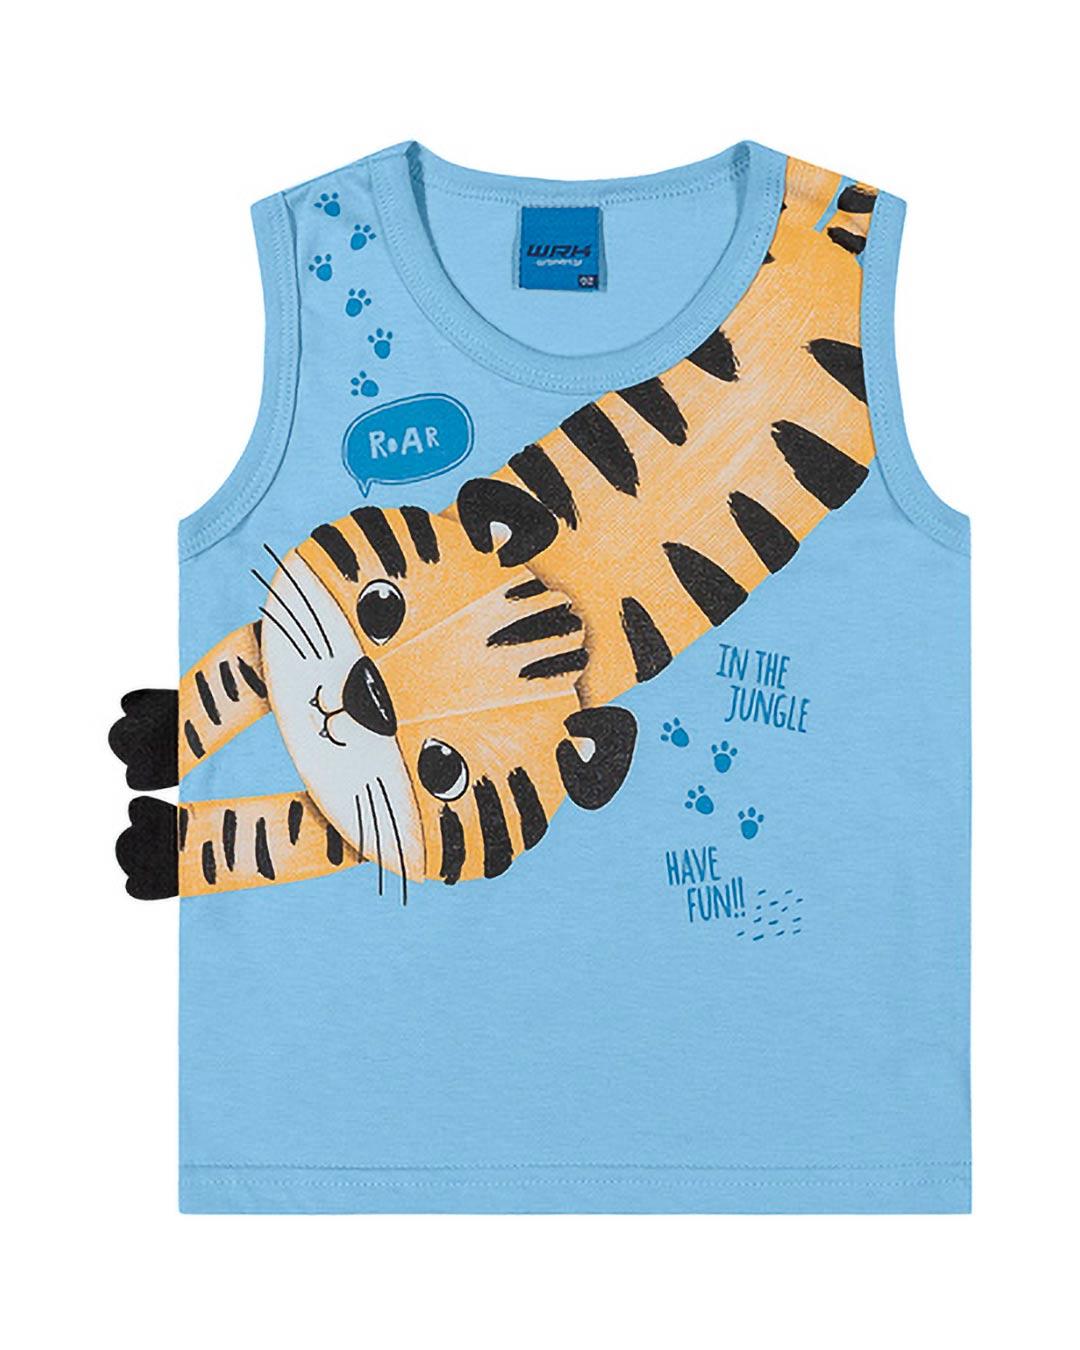 Regata Infantil Roar In The Jungle - WRK